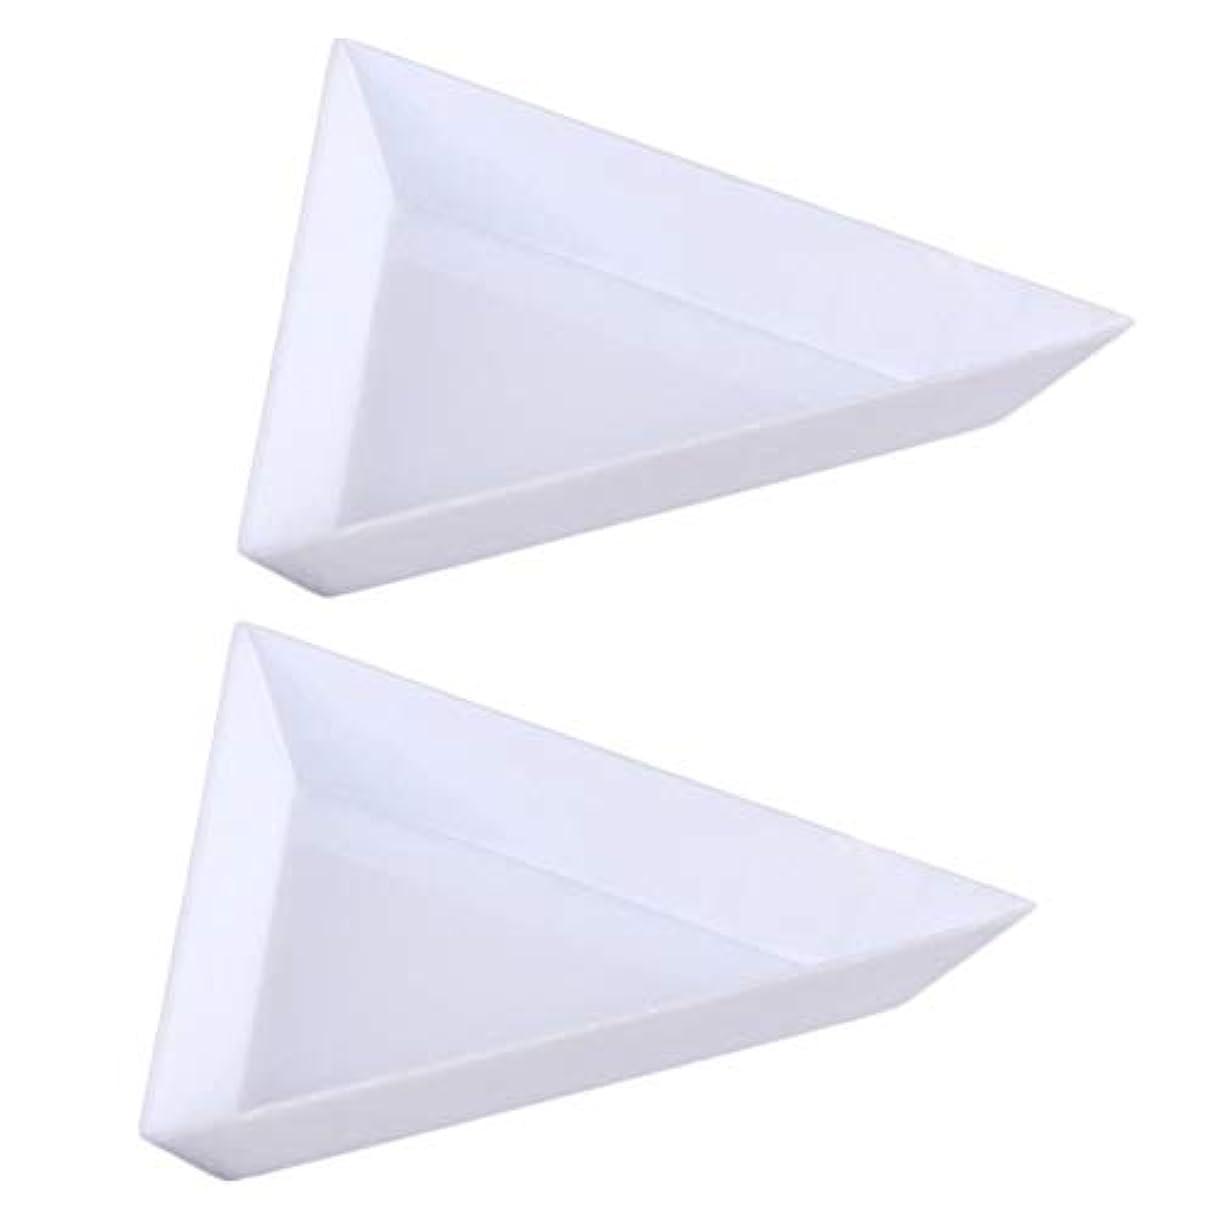 センチメートルパイ大Gaoominy 10個三角コーナープラスチックラインストーンビーズ 結晶 ネイルアートソーティングトレイアクセサリー白 DiyネイルアートデコレーションDotting収納トレイ オーガニゼーションに最適